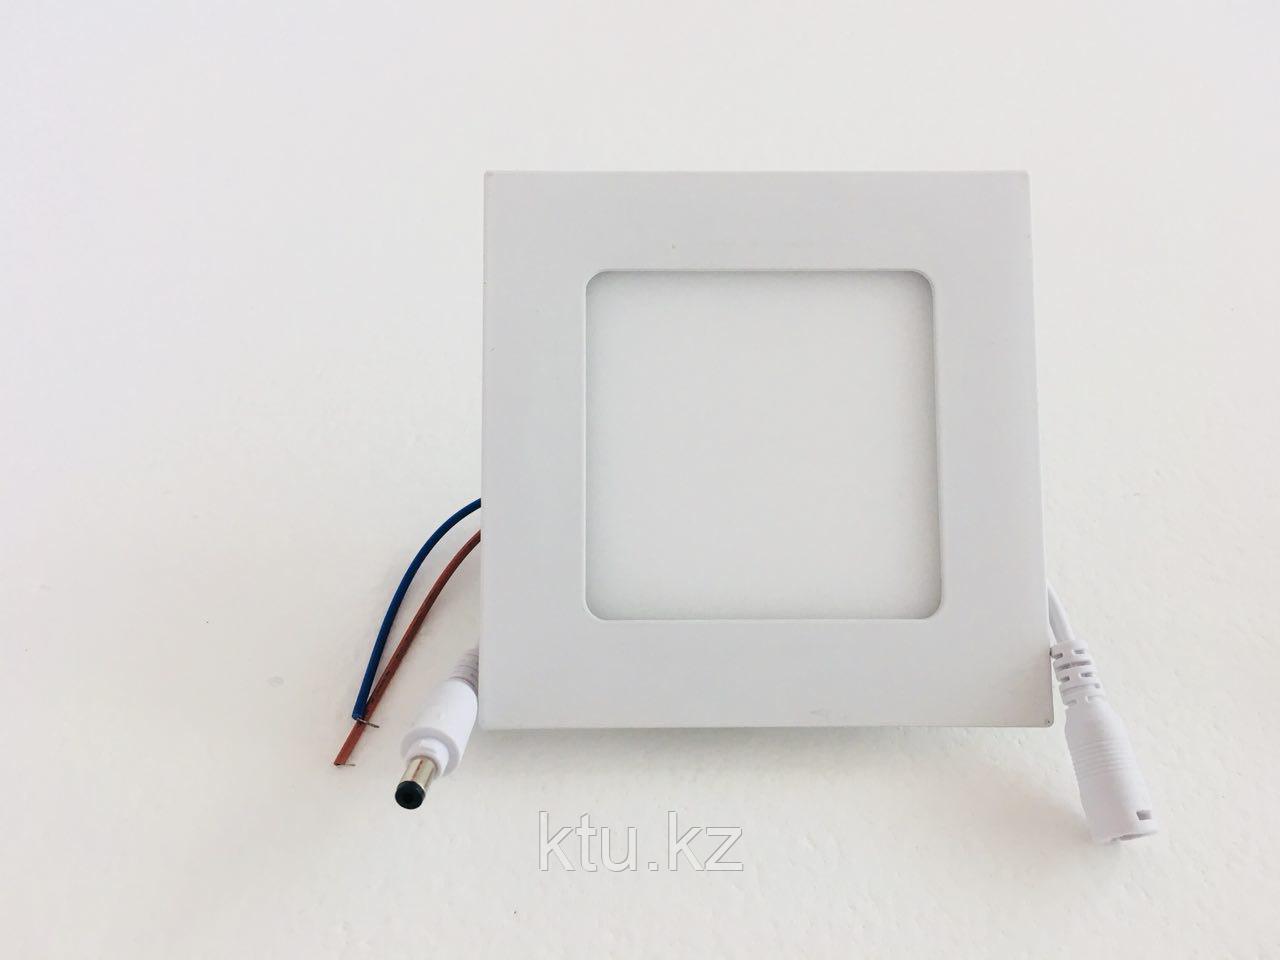 Светильники (споты) JL-Y 4W внутренний, 3год гарантия